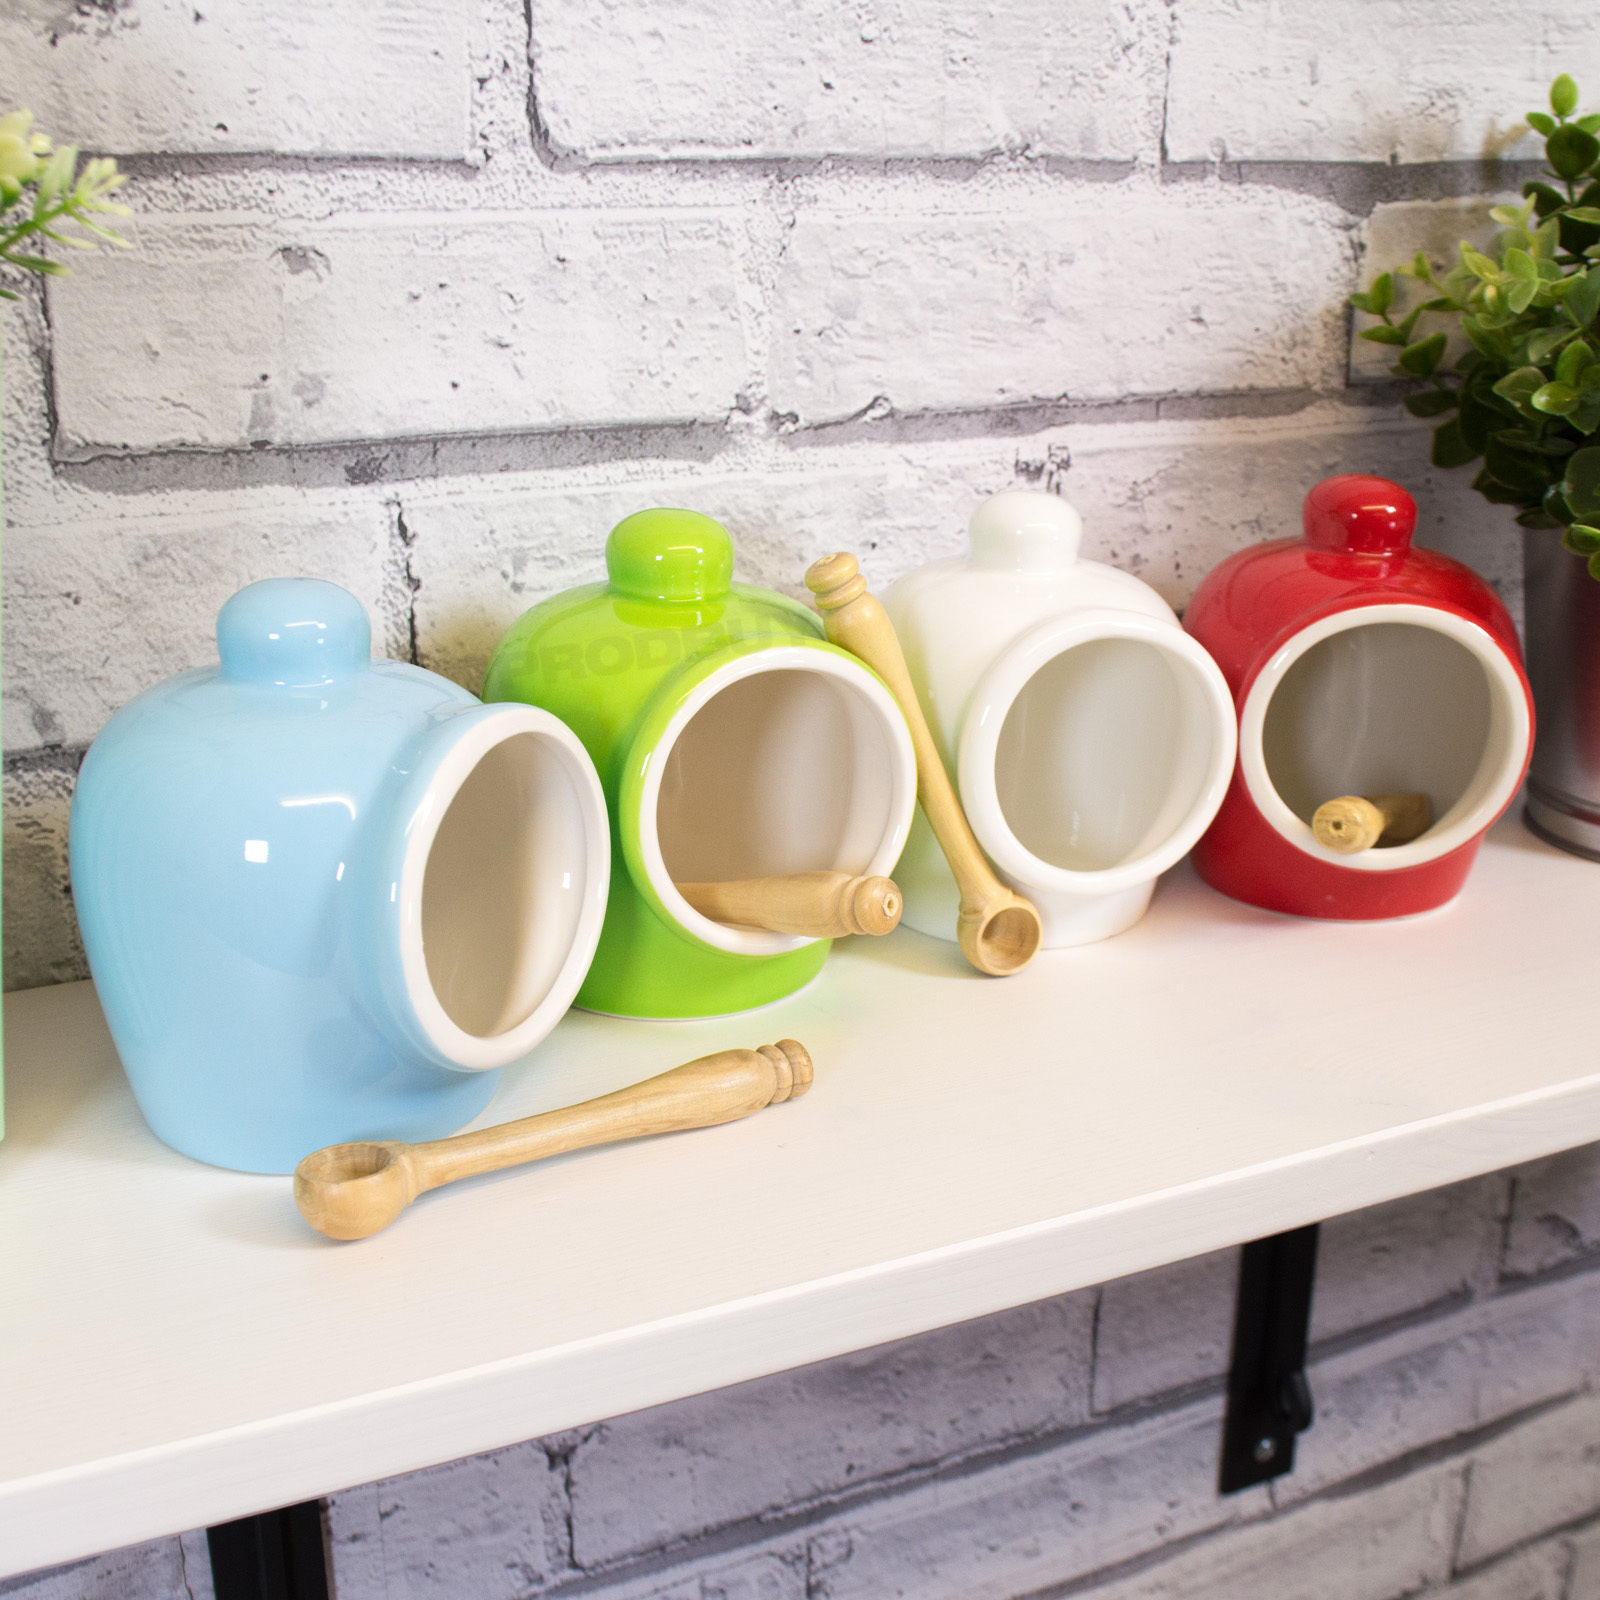 Details About Porcelain Salt Pig Wooden Spoon Storage Jar Canister Caddy Holder Pot Small 11cm